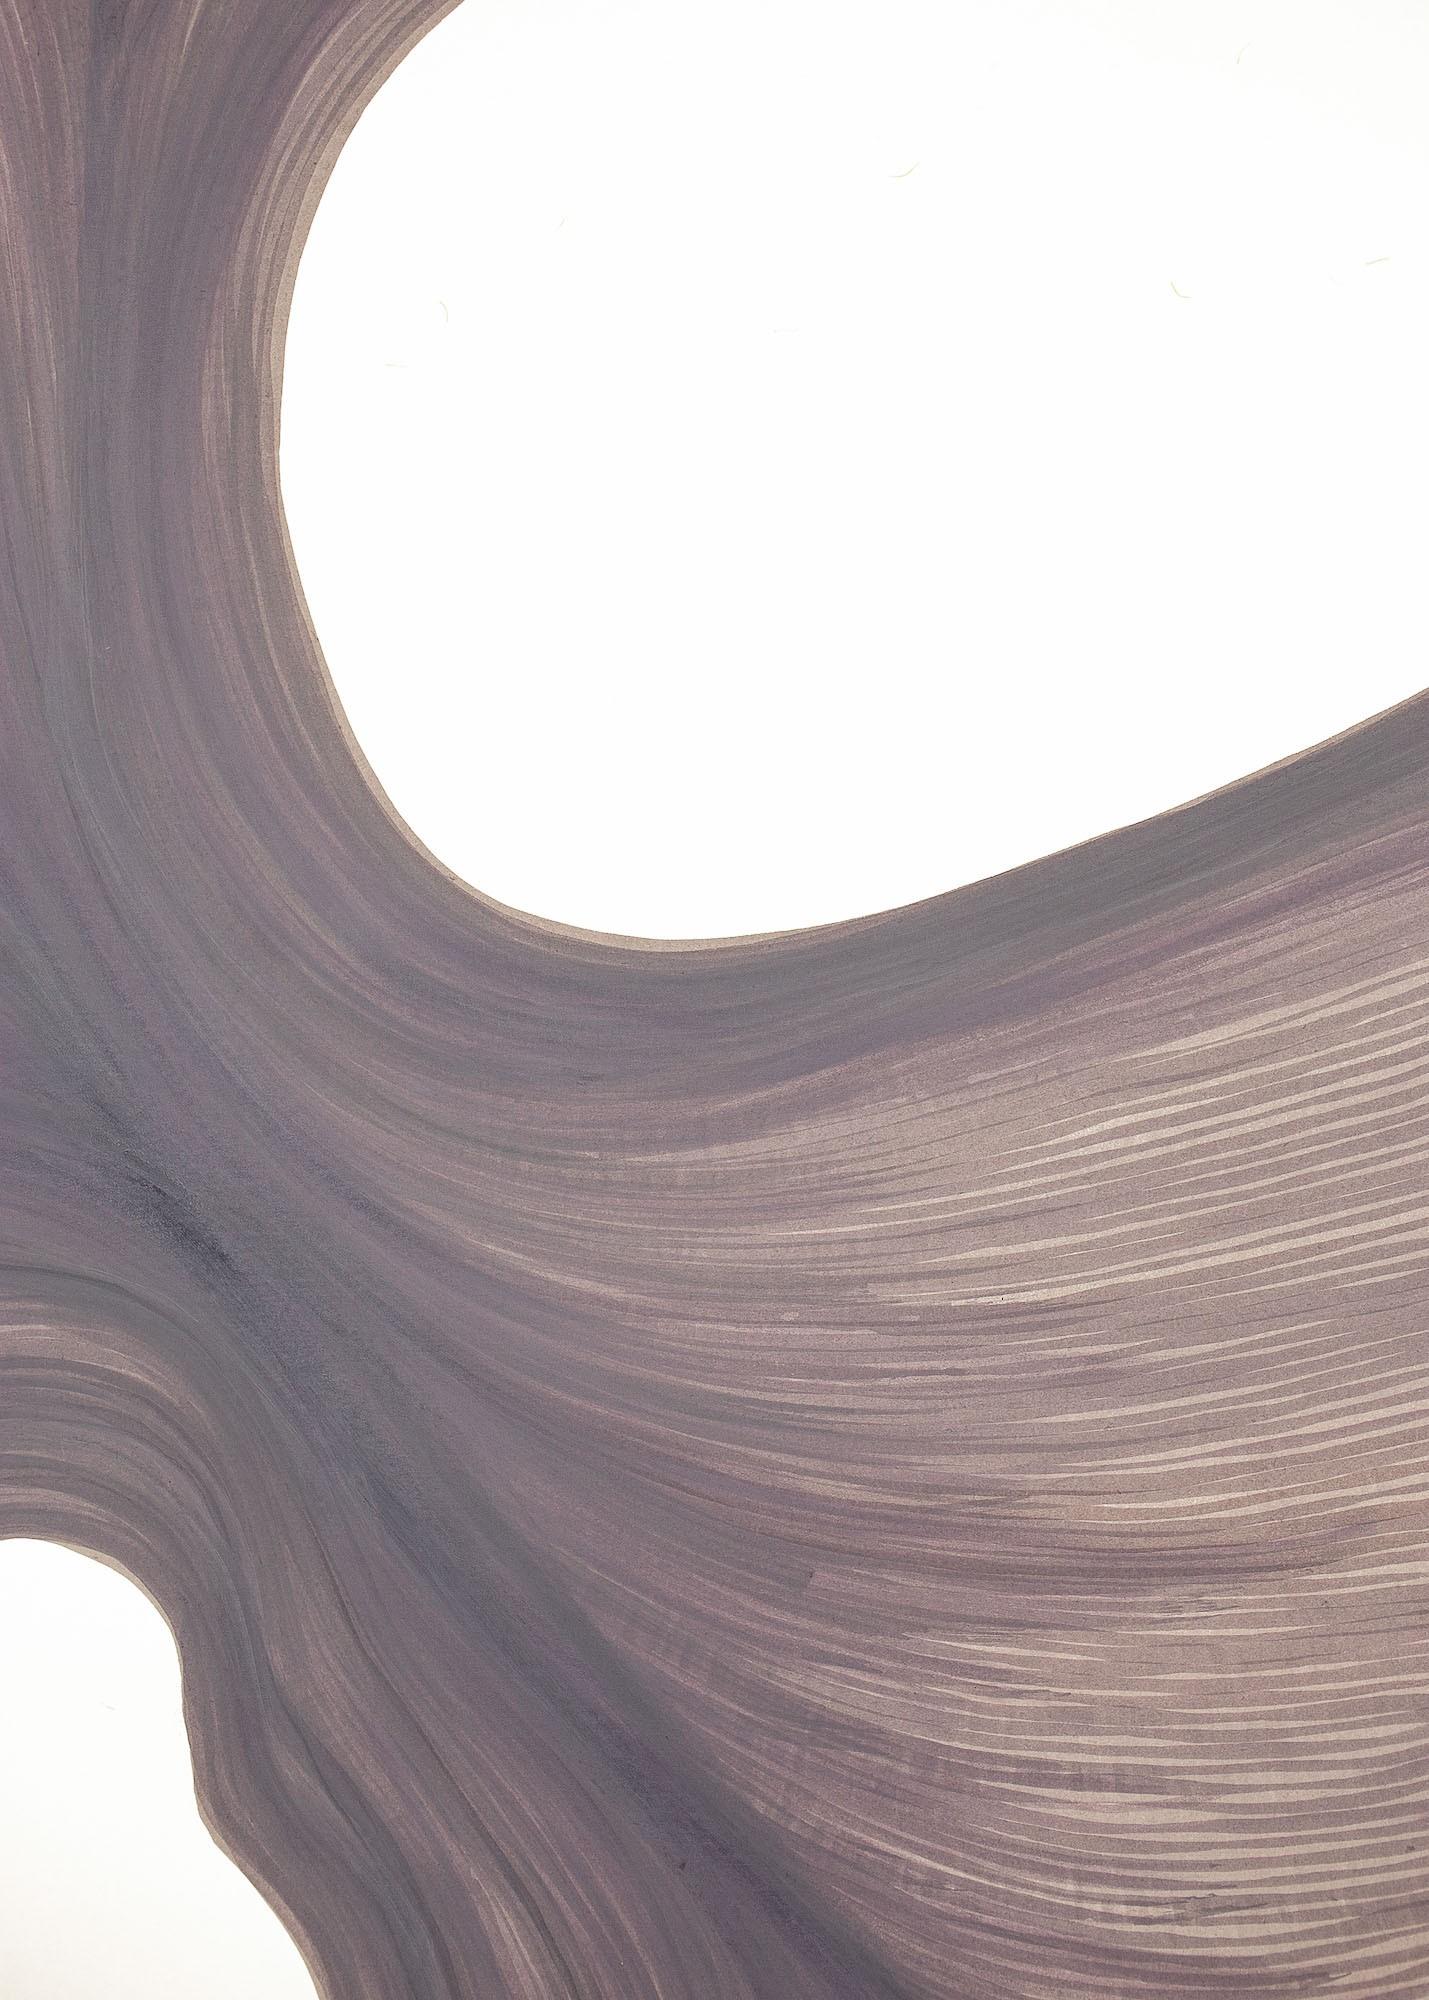 Smokey Lavender Escape | Lali Torma | Zeichnung | Kalligraphie Tinte auf Papier - Detail 2